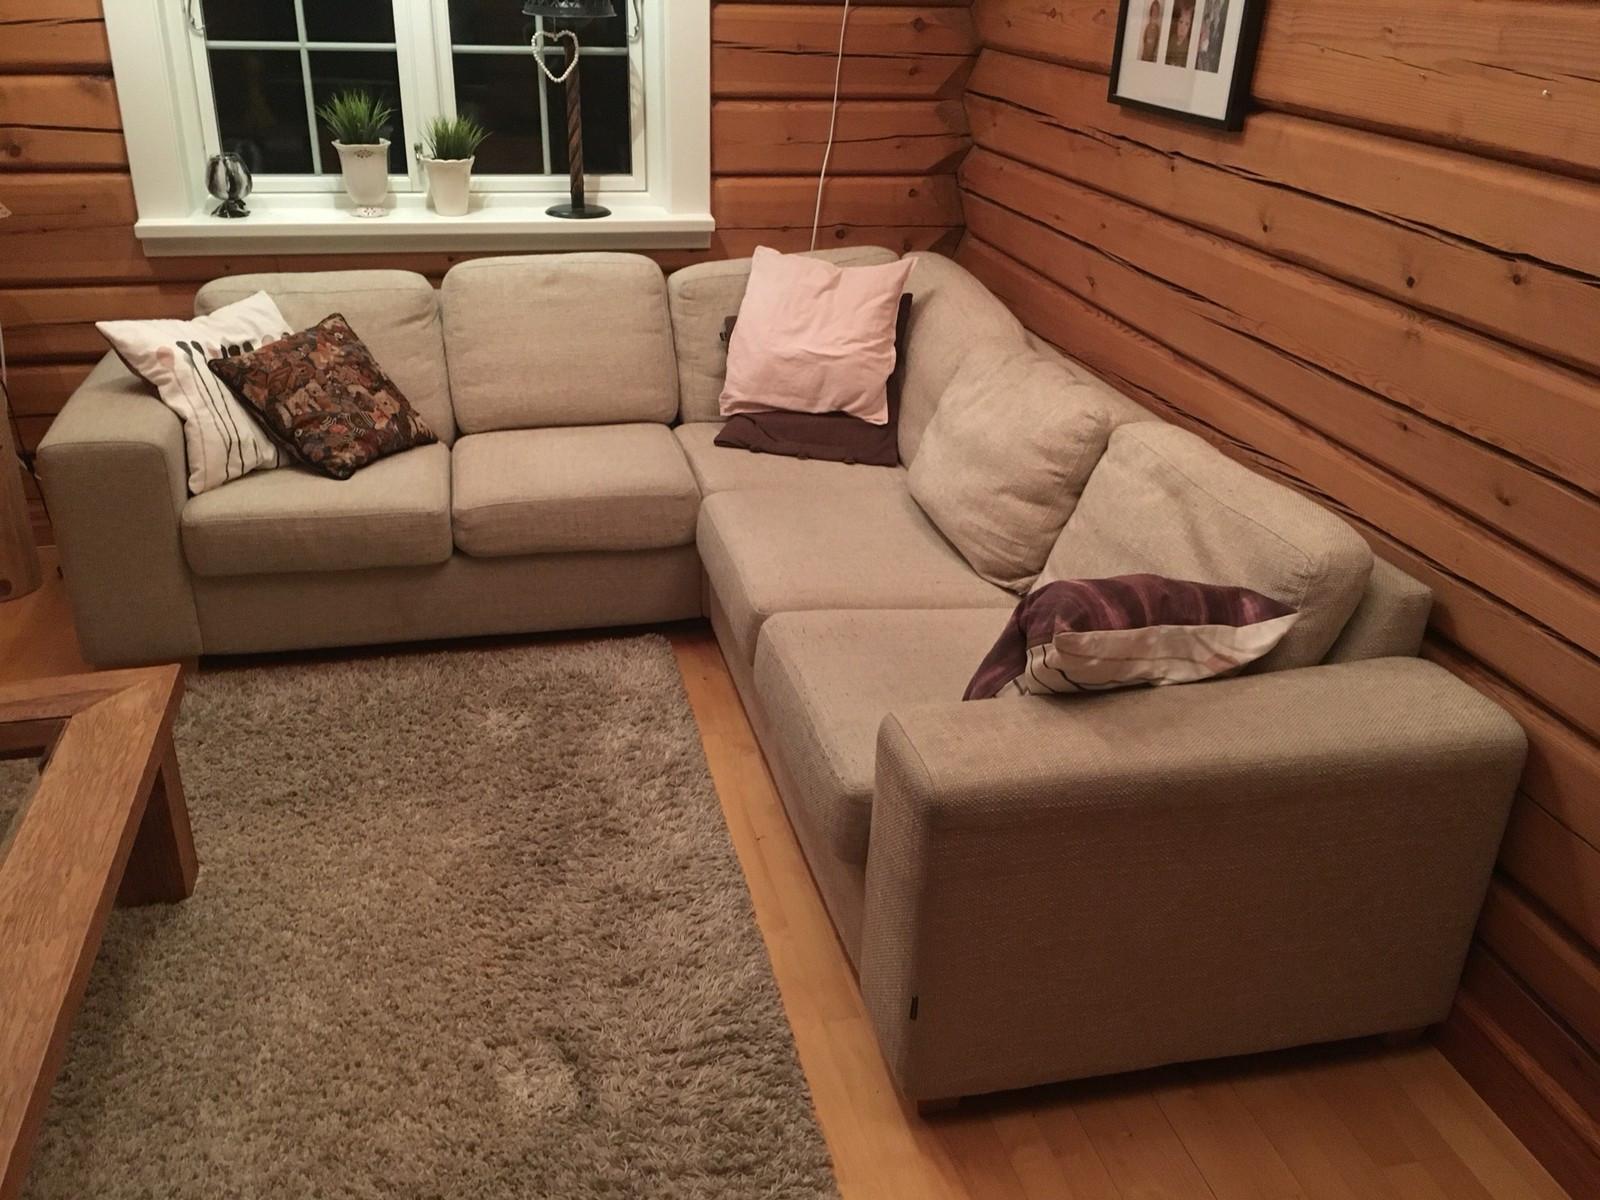 Sofa - Auli  - Lys grå sofa. 255*230 Vaskbare puter - Auli